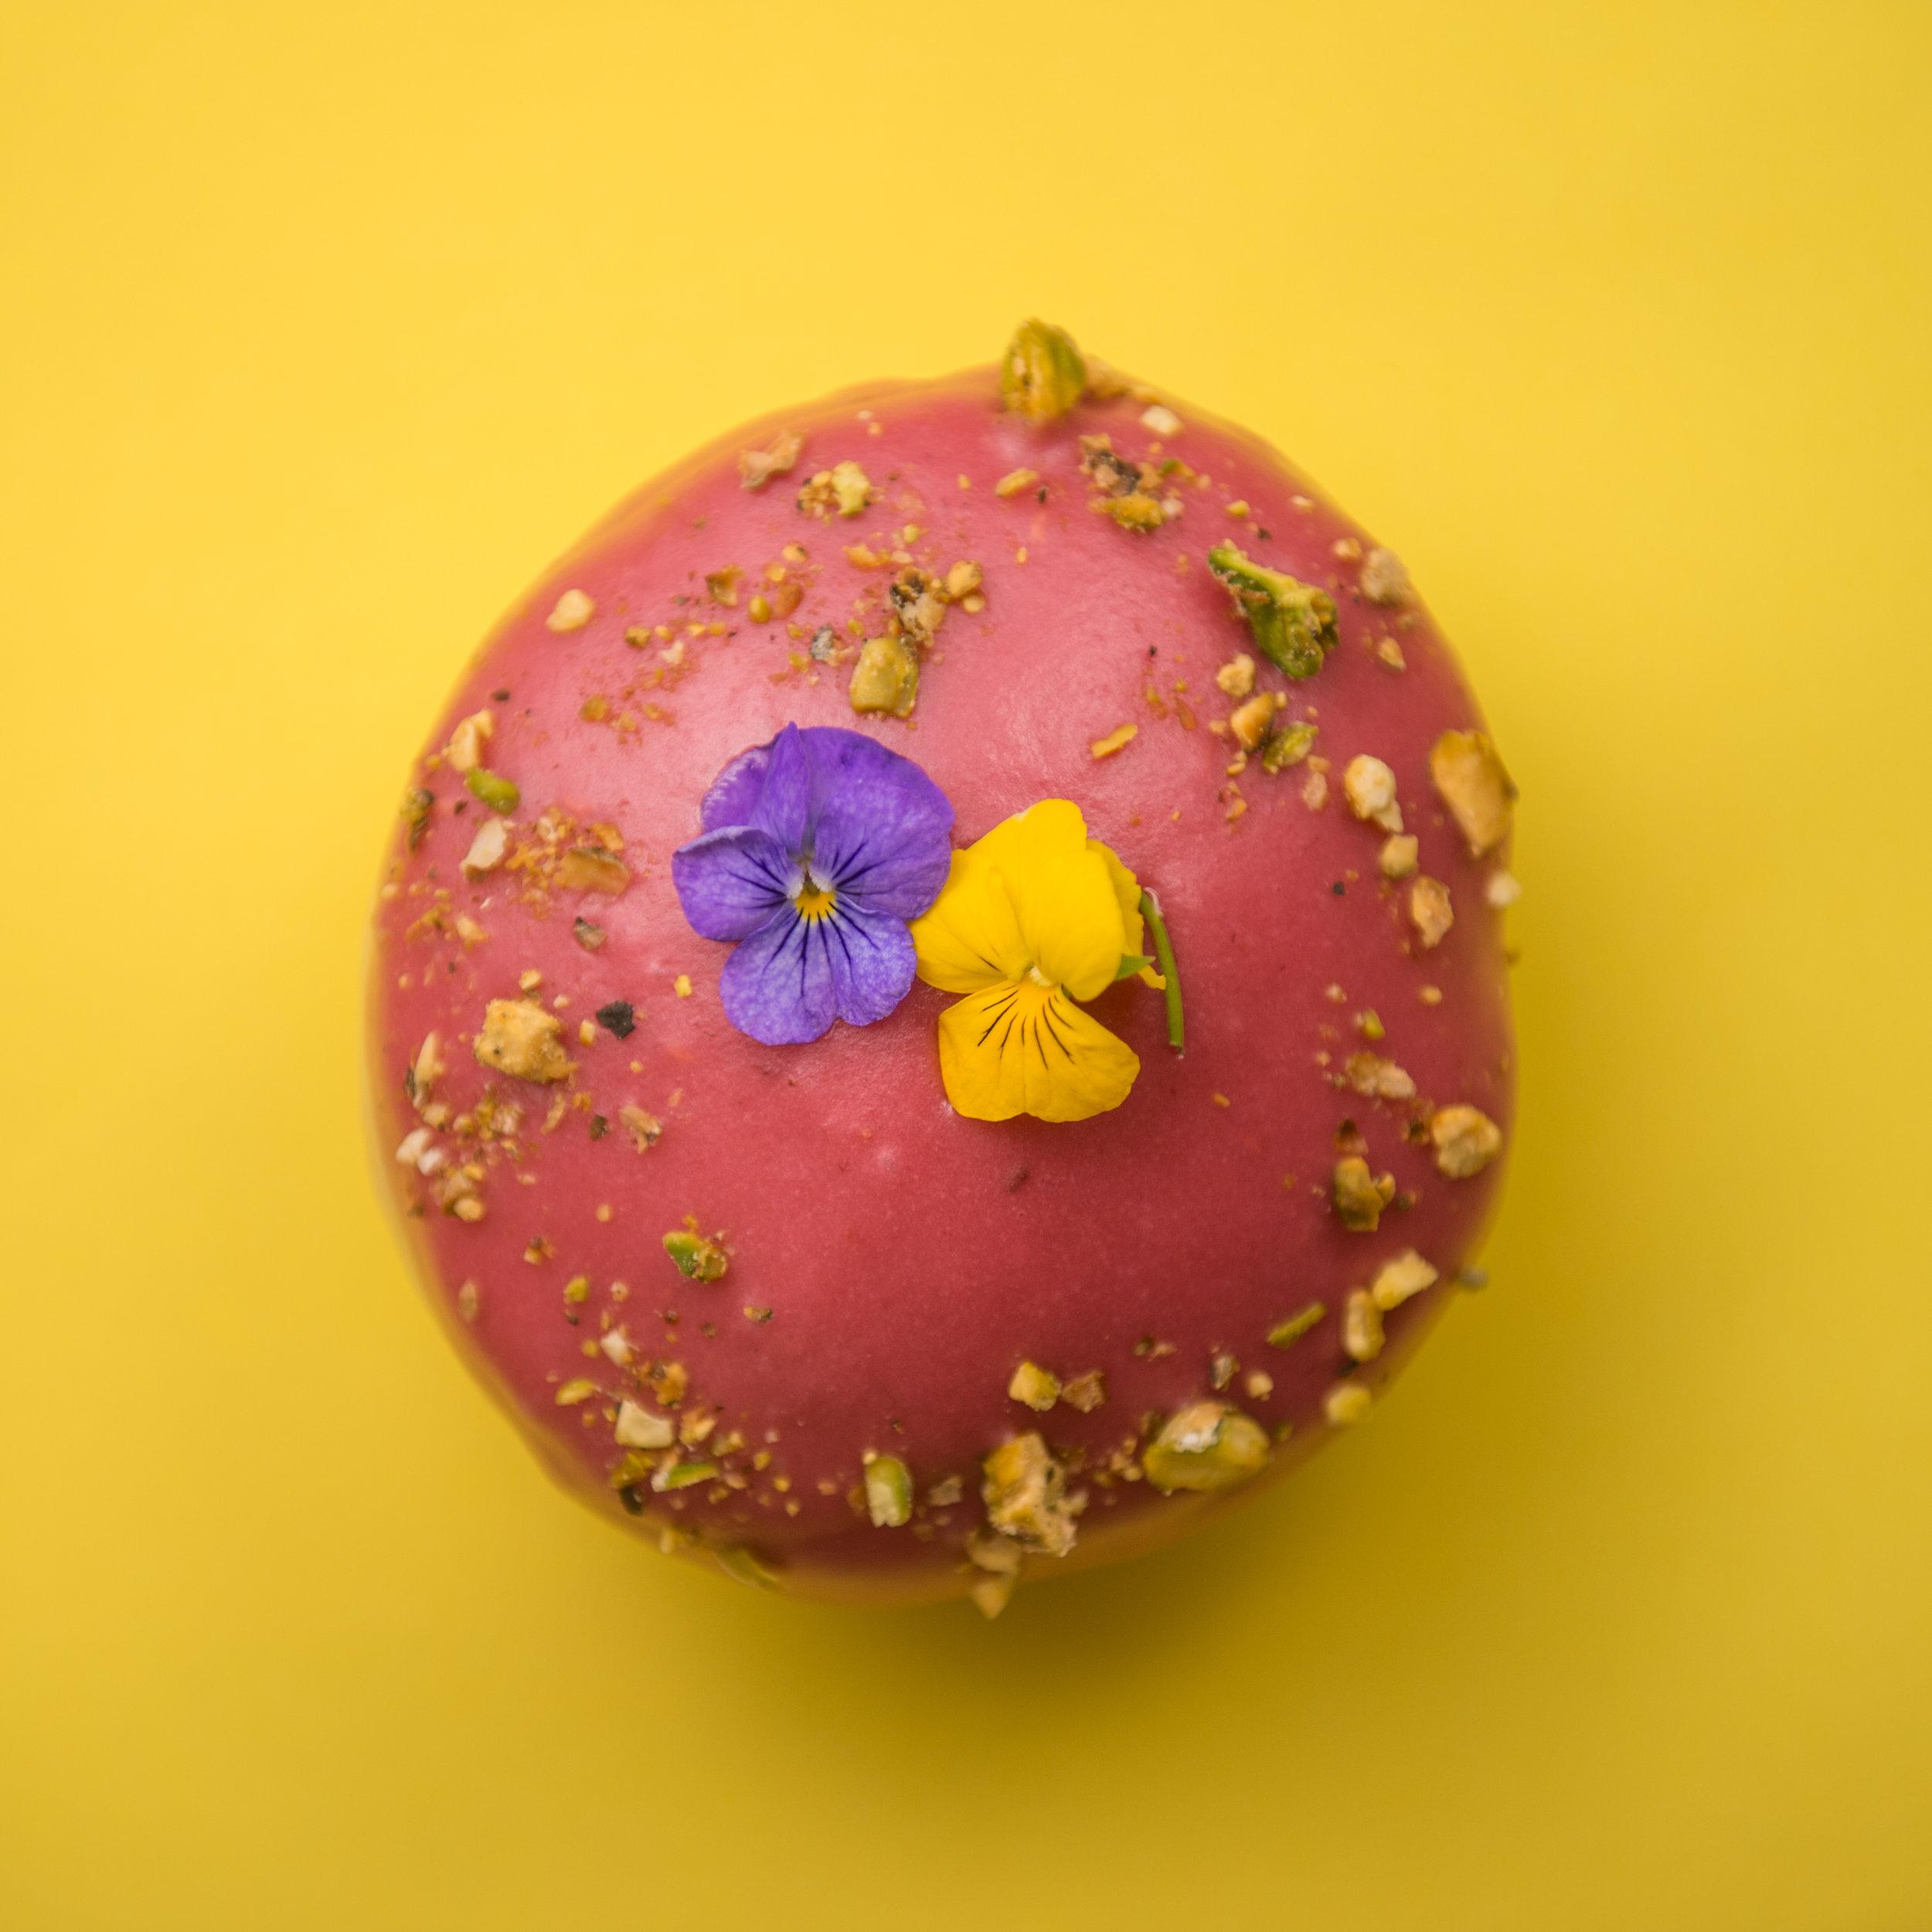 Happy-Ending-Donuts-10.jpg